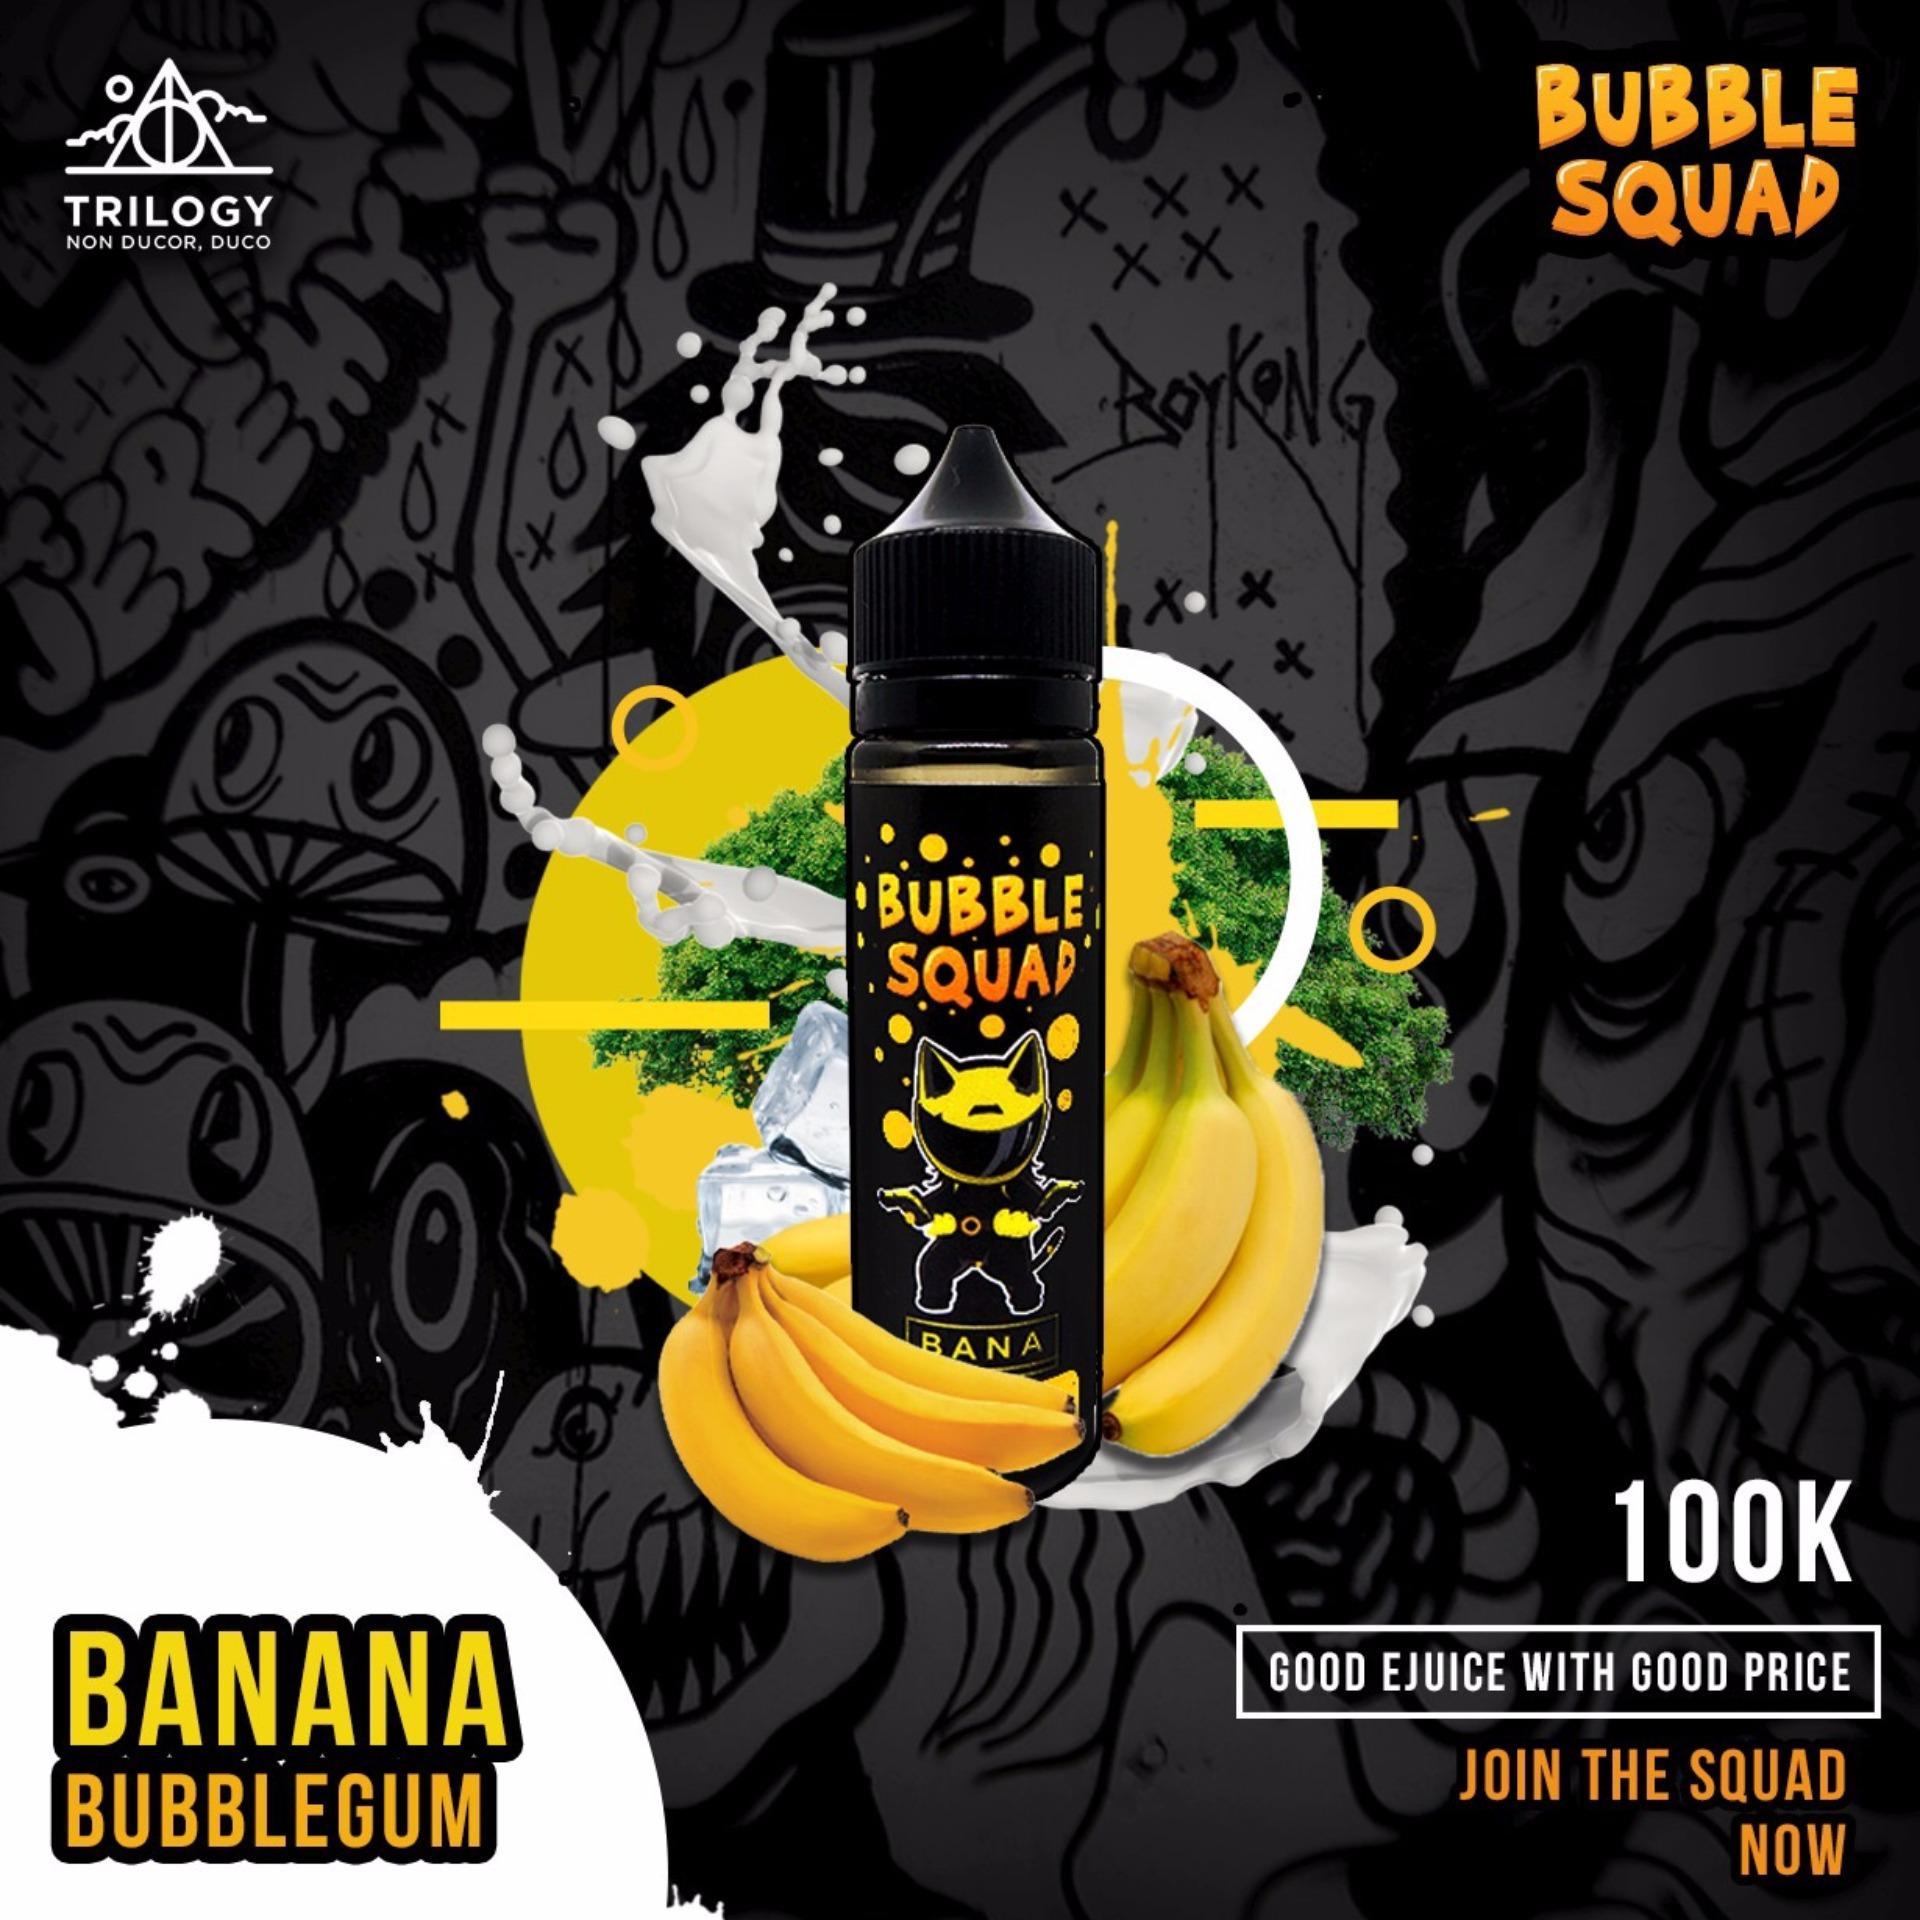 Bubble Squad Bana E Liquid Vapor Vape 3mg 60ml Cek Harga Terkini Premium Soda Club Grinsen Kola Ret Bul  Vaping Vaporizer